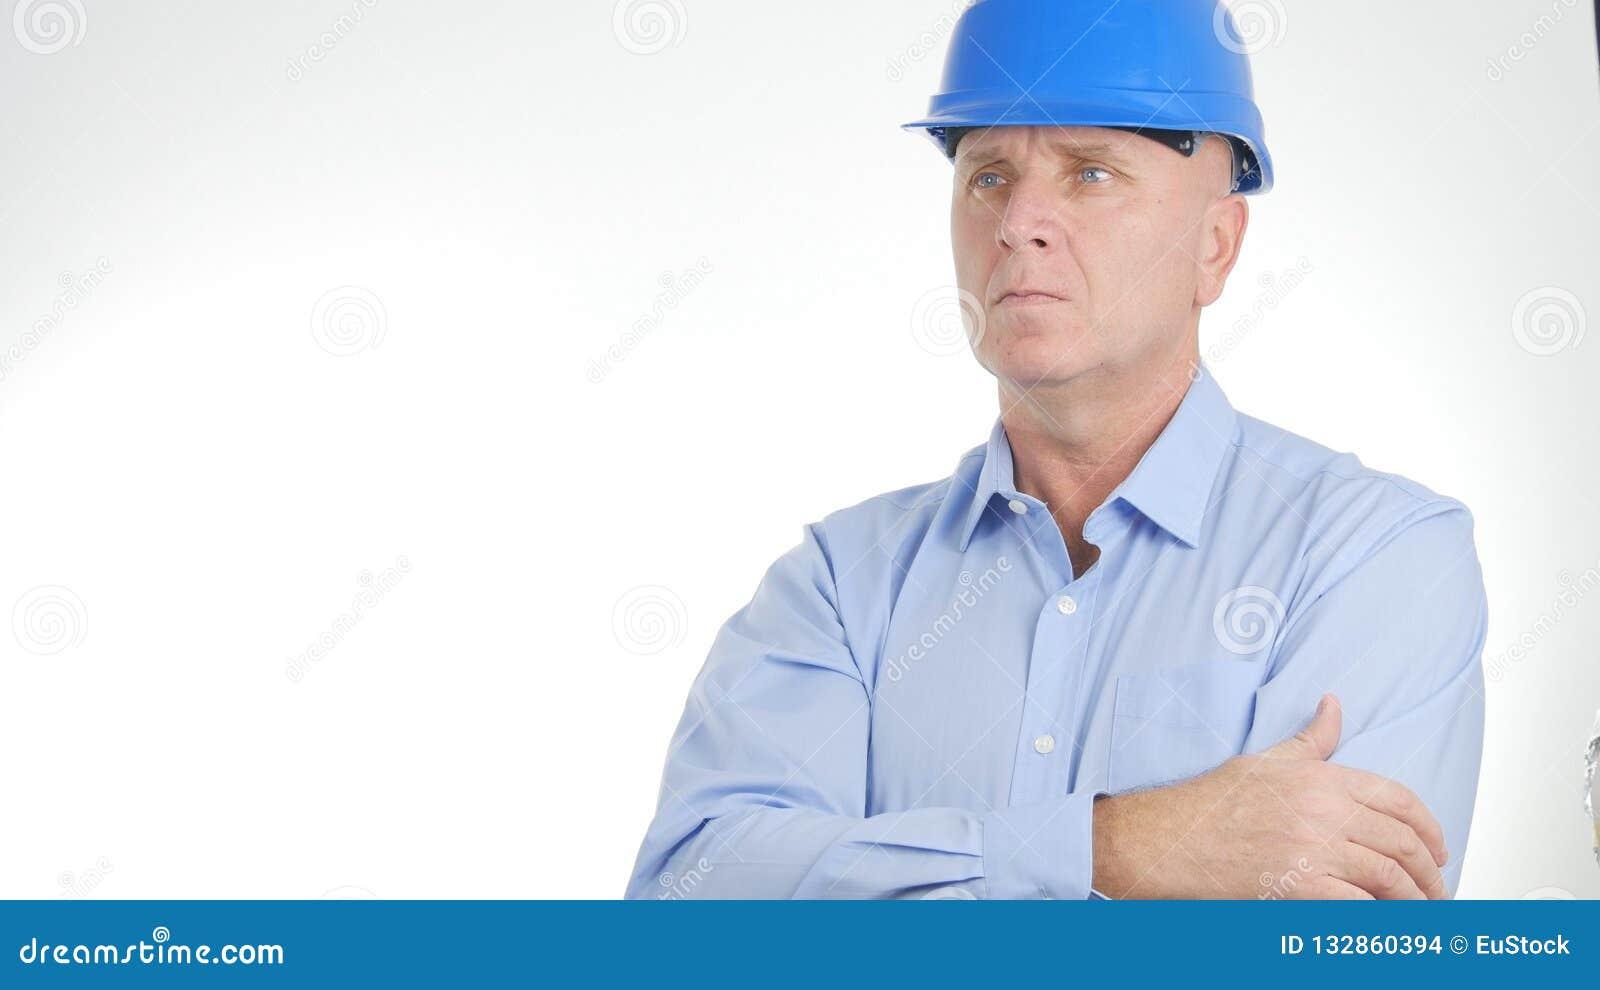 Casco de protección de Image Wearing Engineer del hombre de negocios en una presentación confiada